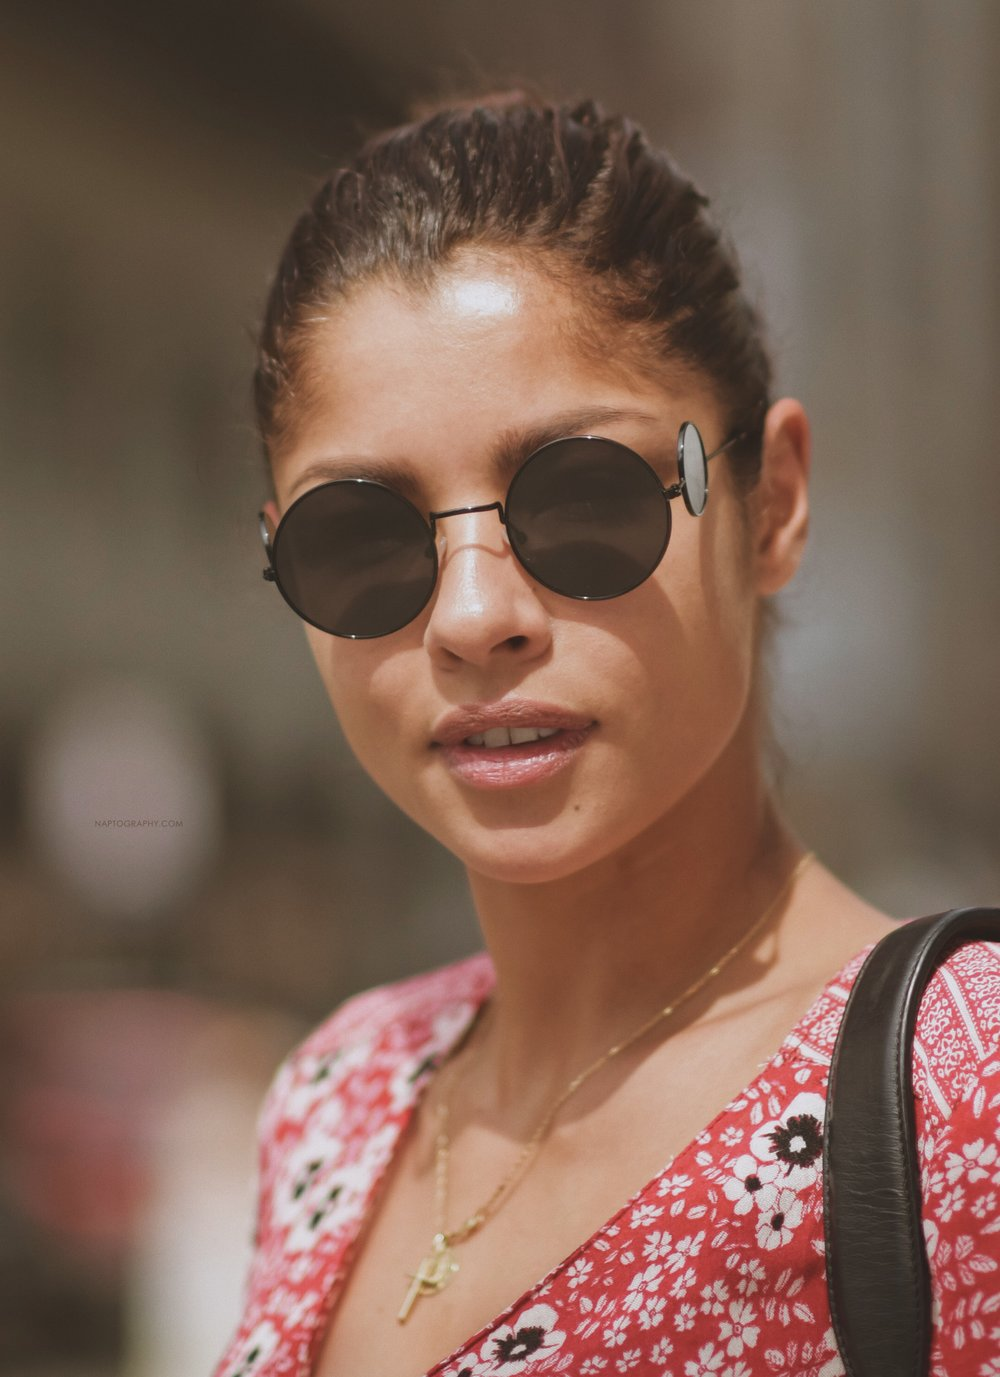 Mariana. New York. 2017.